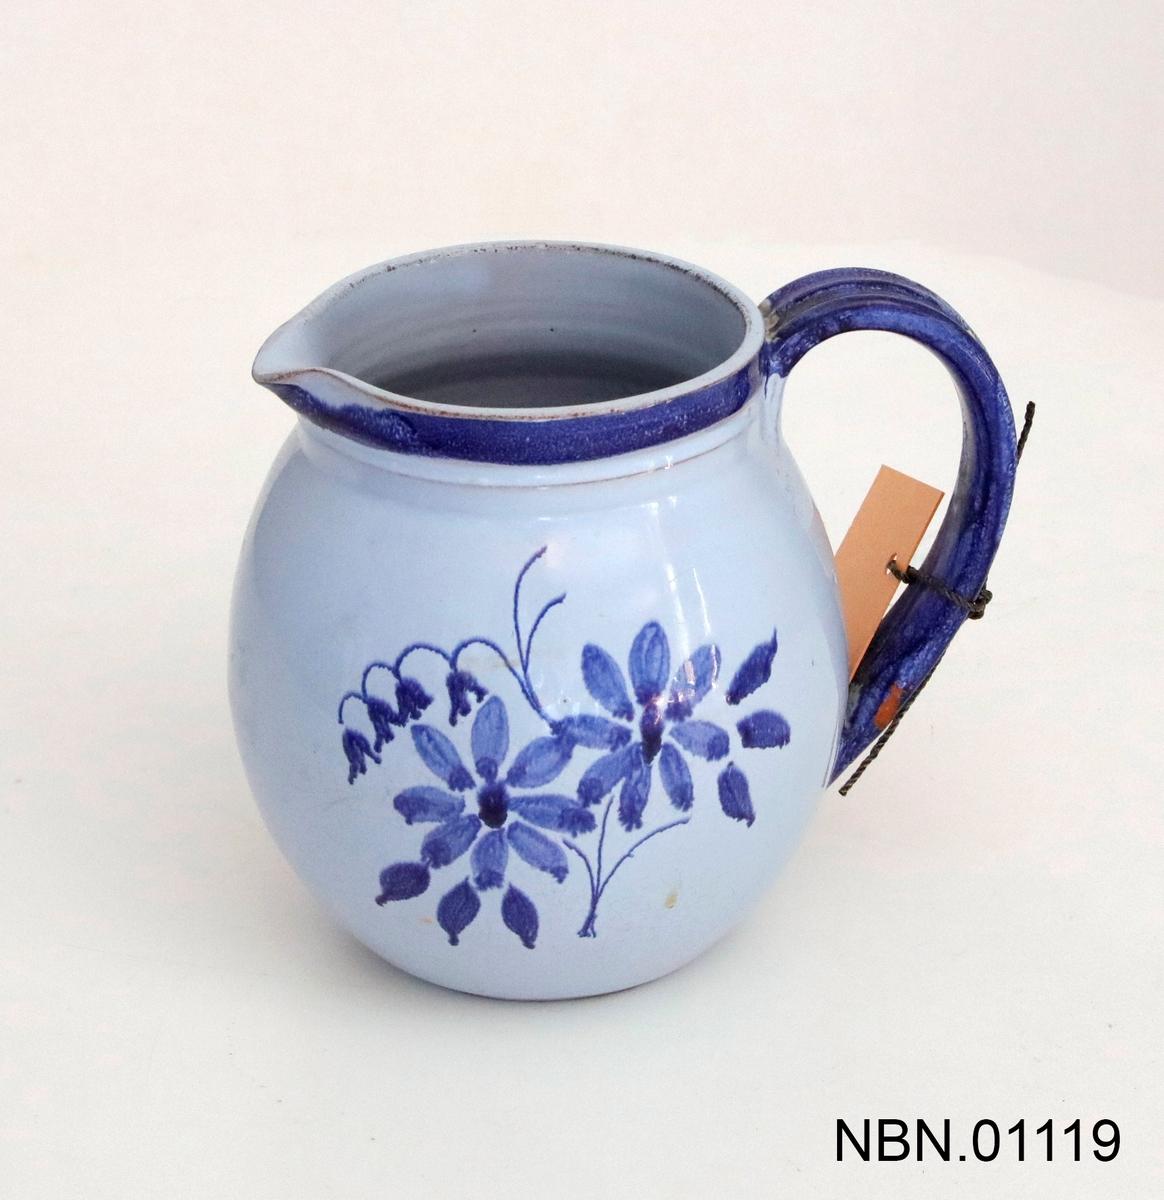 Mugge, blåmalt glasert keramikk med blomsterdekor. Hank med riller. Rundt form.